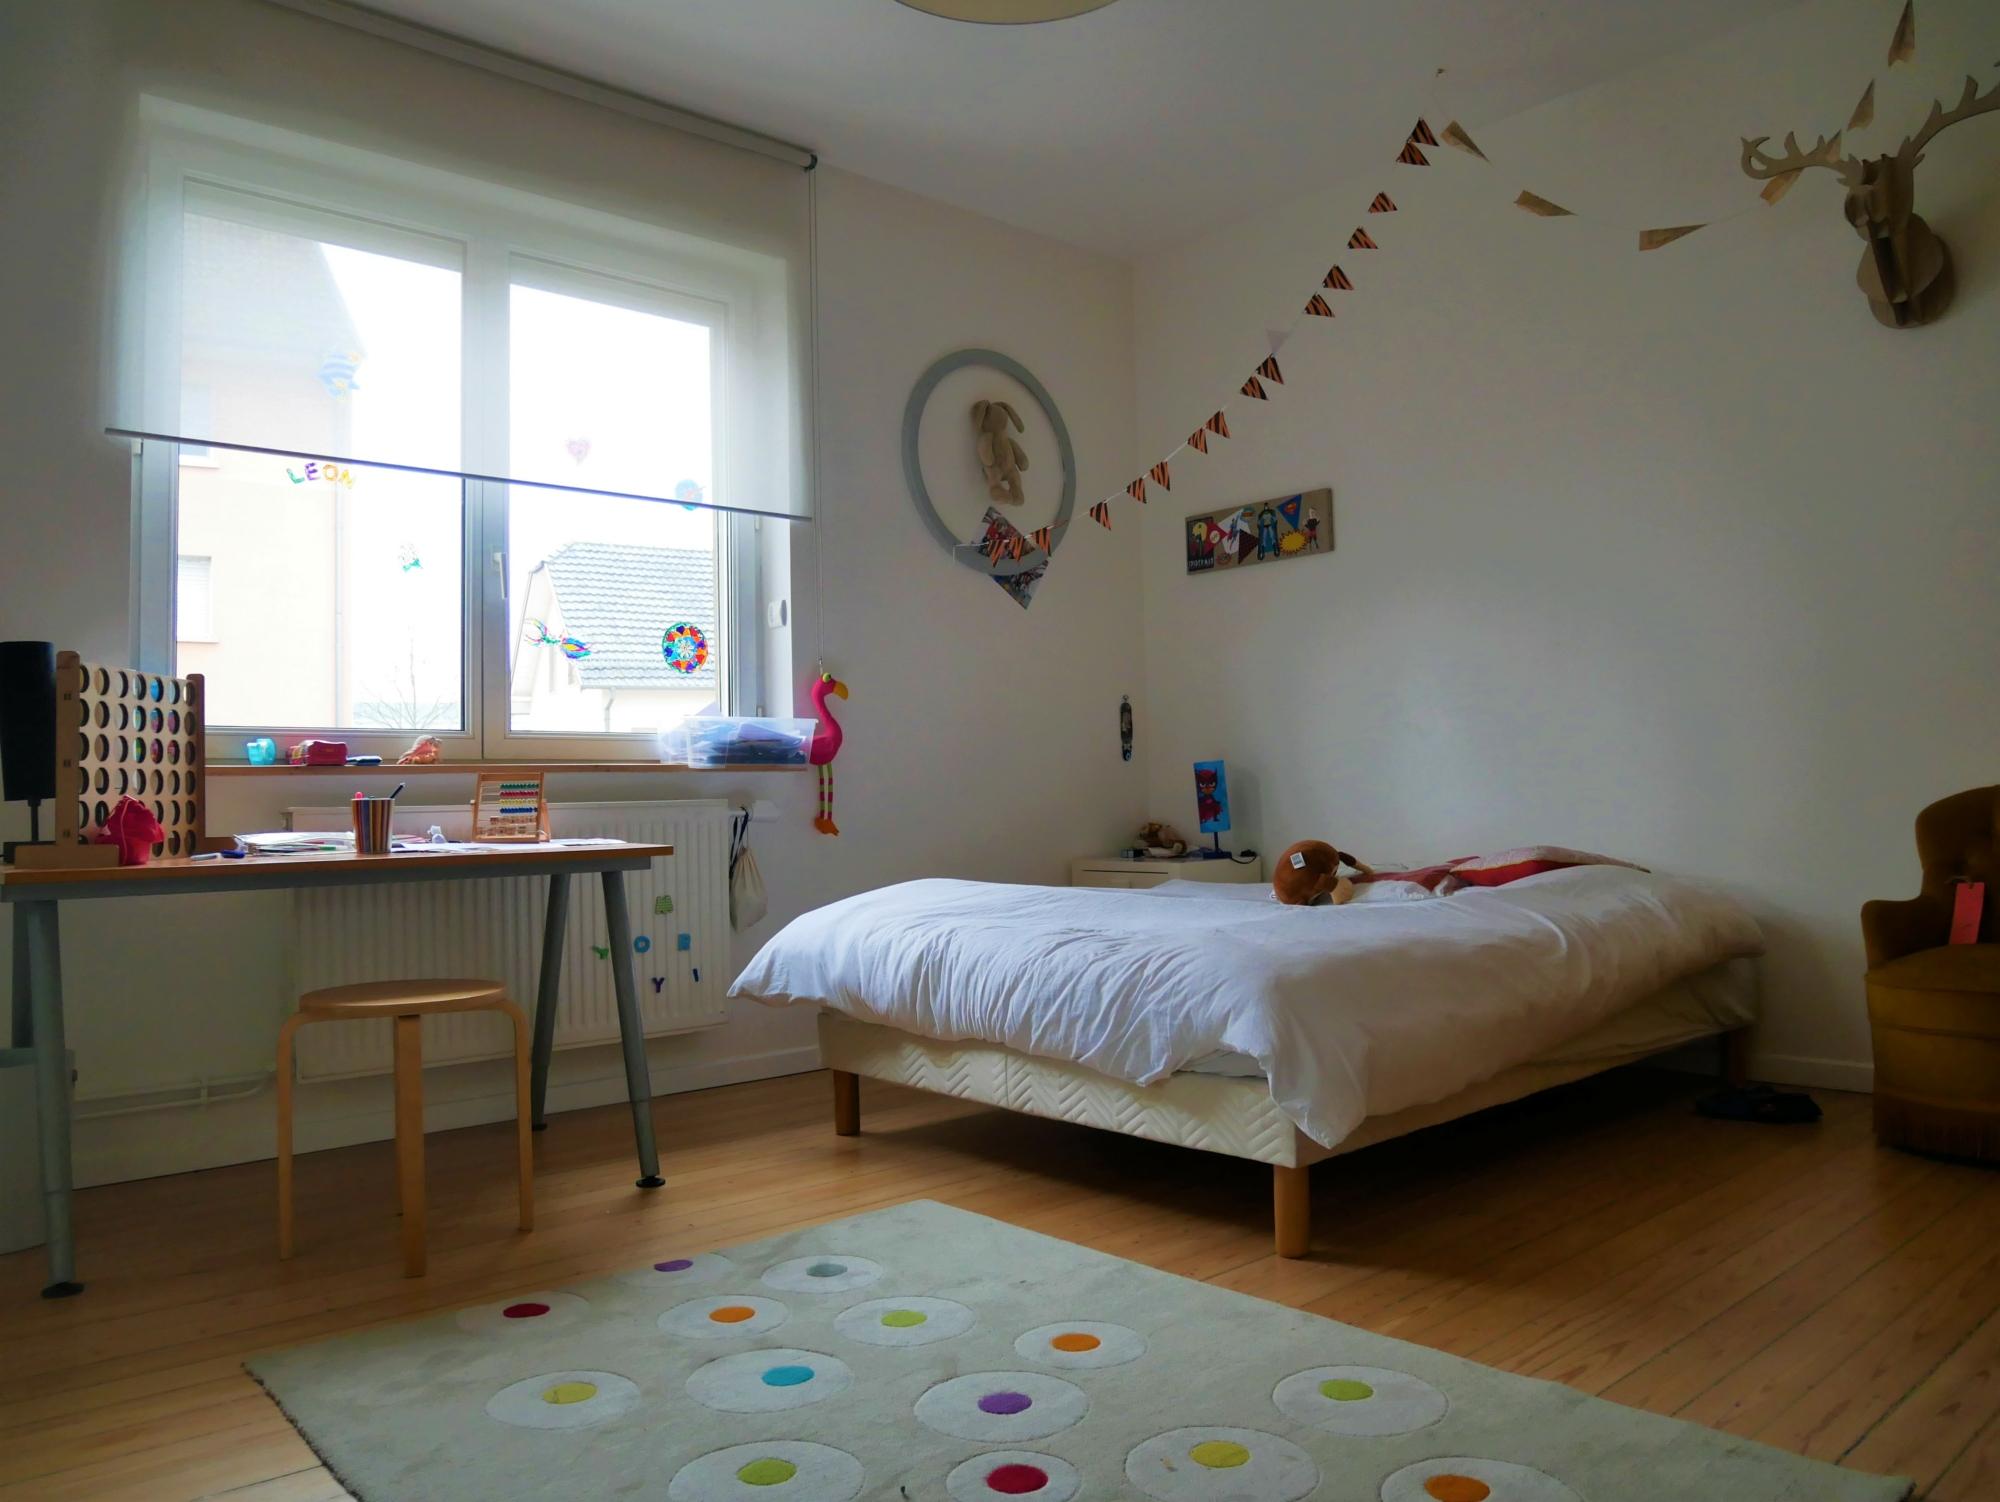 [Pool] Maison 6 pièces meublée avec piscine et jardin / Illkirch - Route de Lyon - nos locations - Beausite Immobilier 6